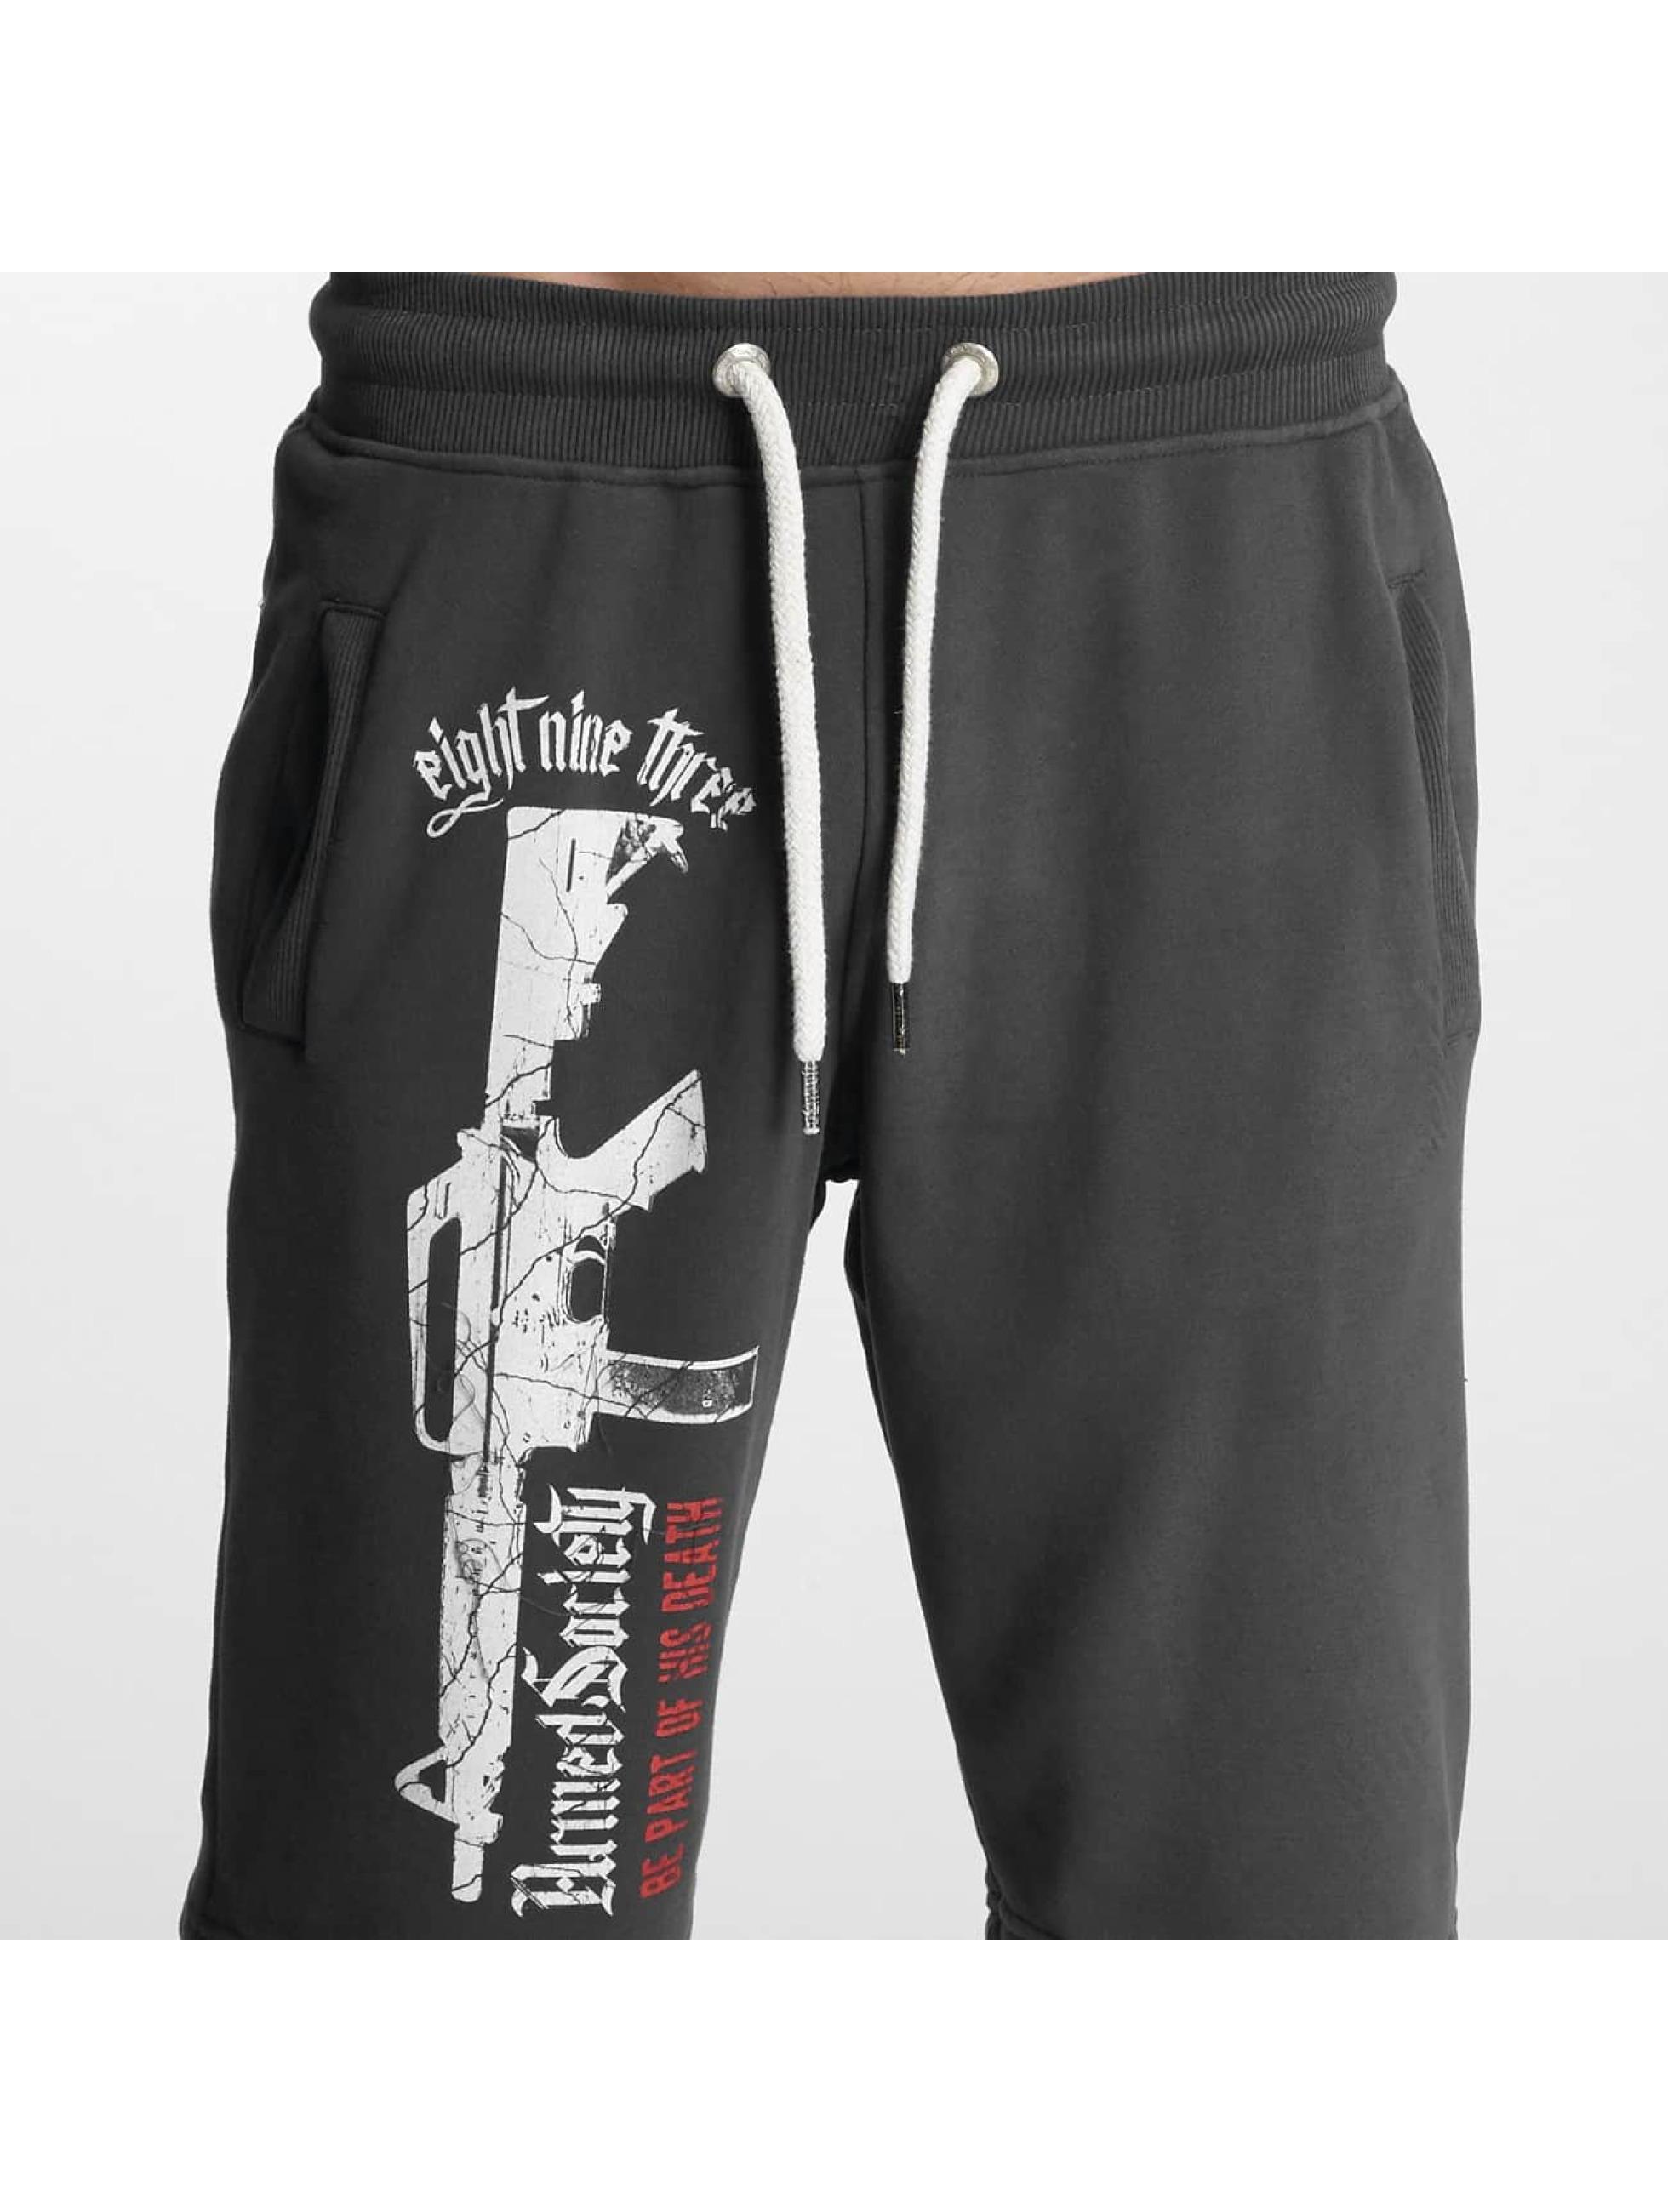 Yakuza Short Armed Society gray